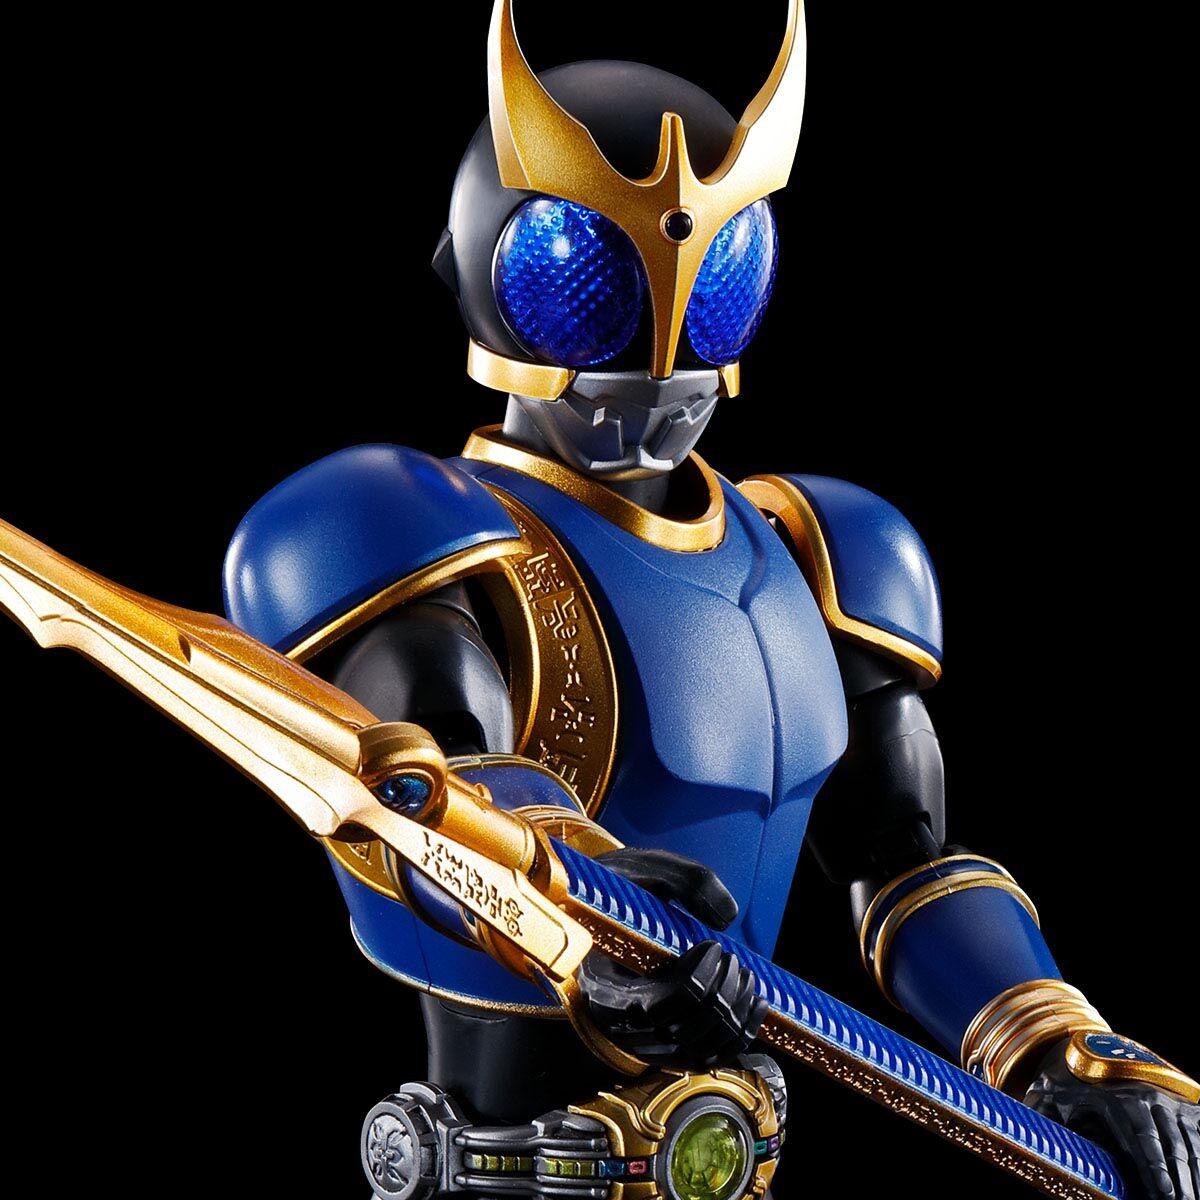 【限定販売】Figure-rise Standard『仮面ライダークウガ ドラゴンフォーム/ライジングドラゴン』プラモデル-001